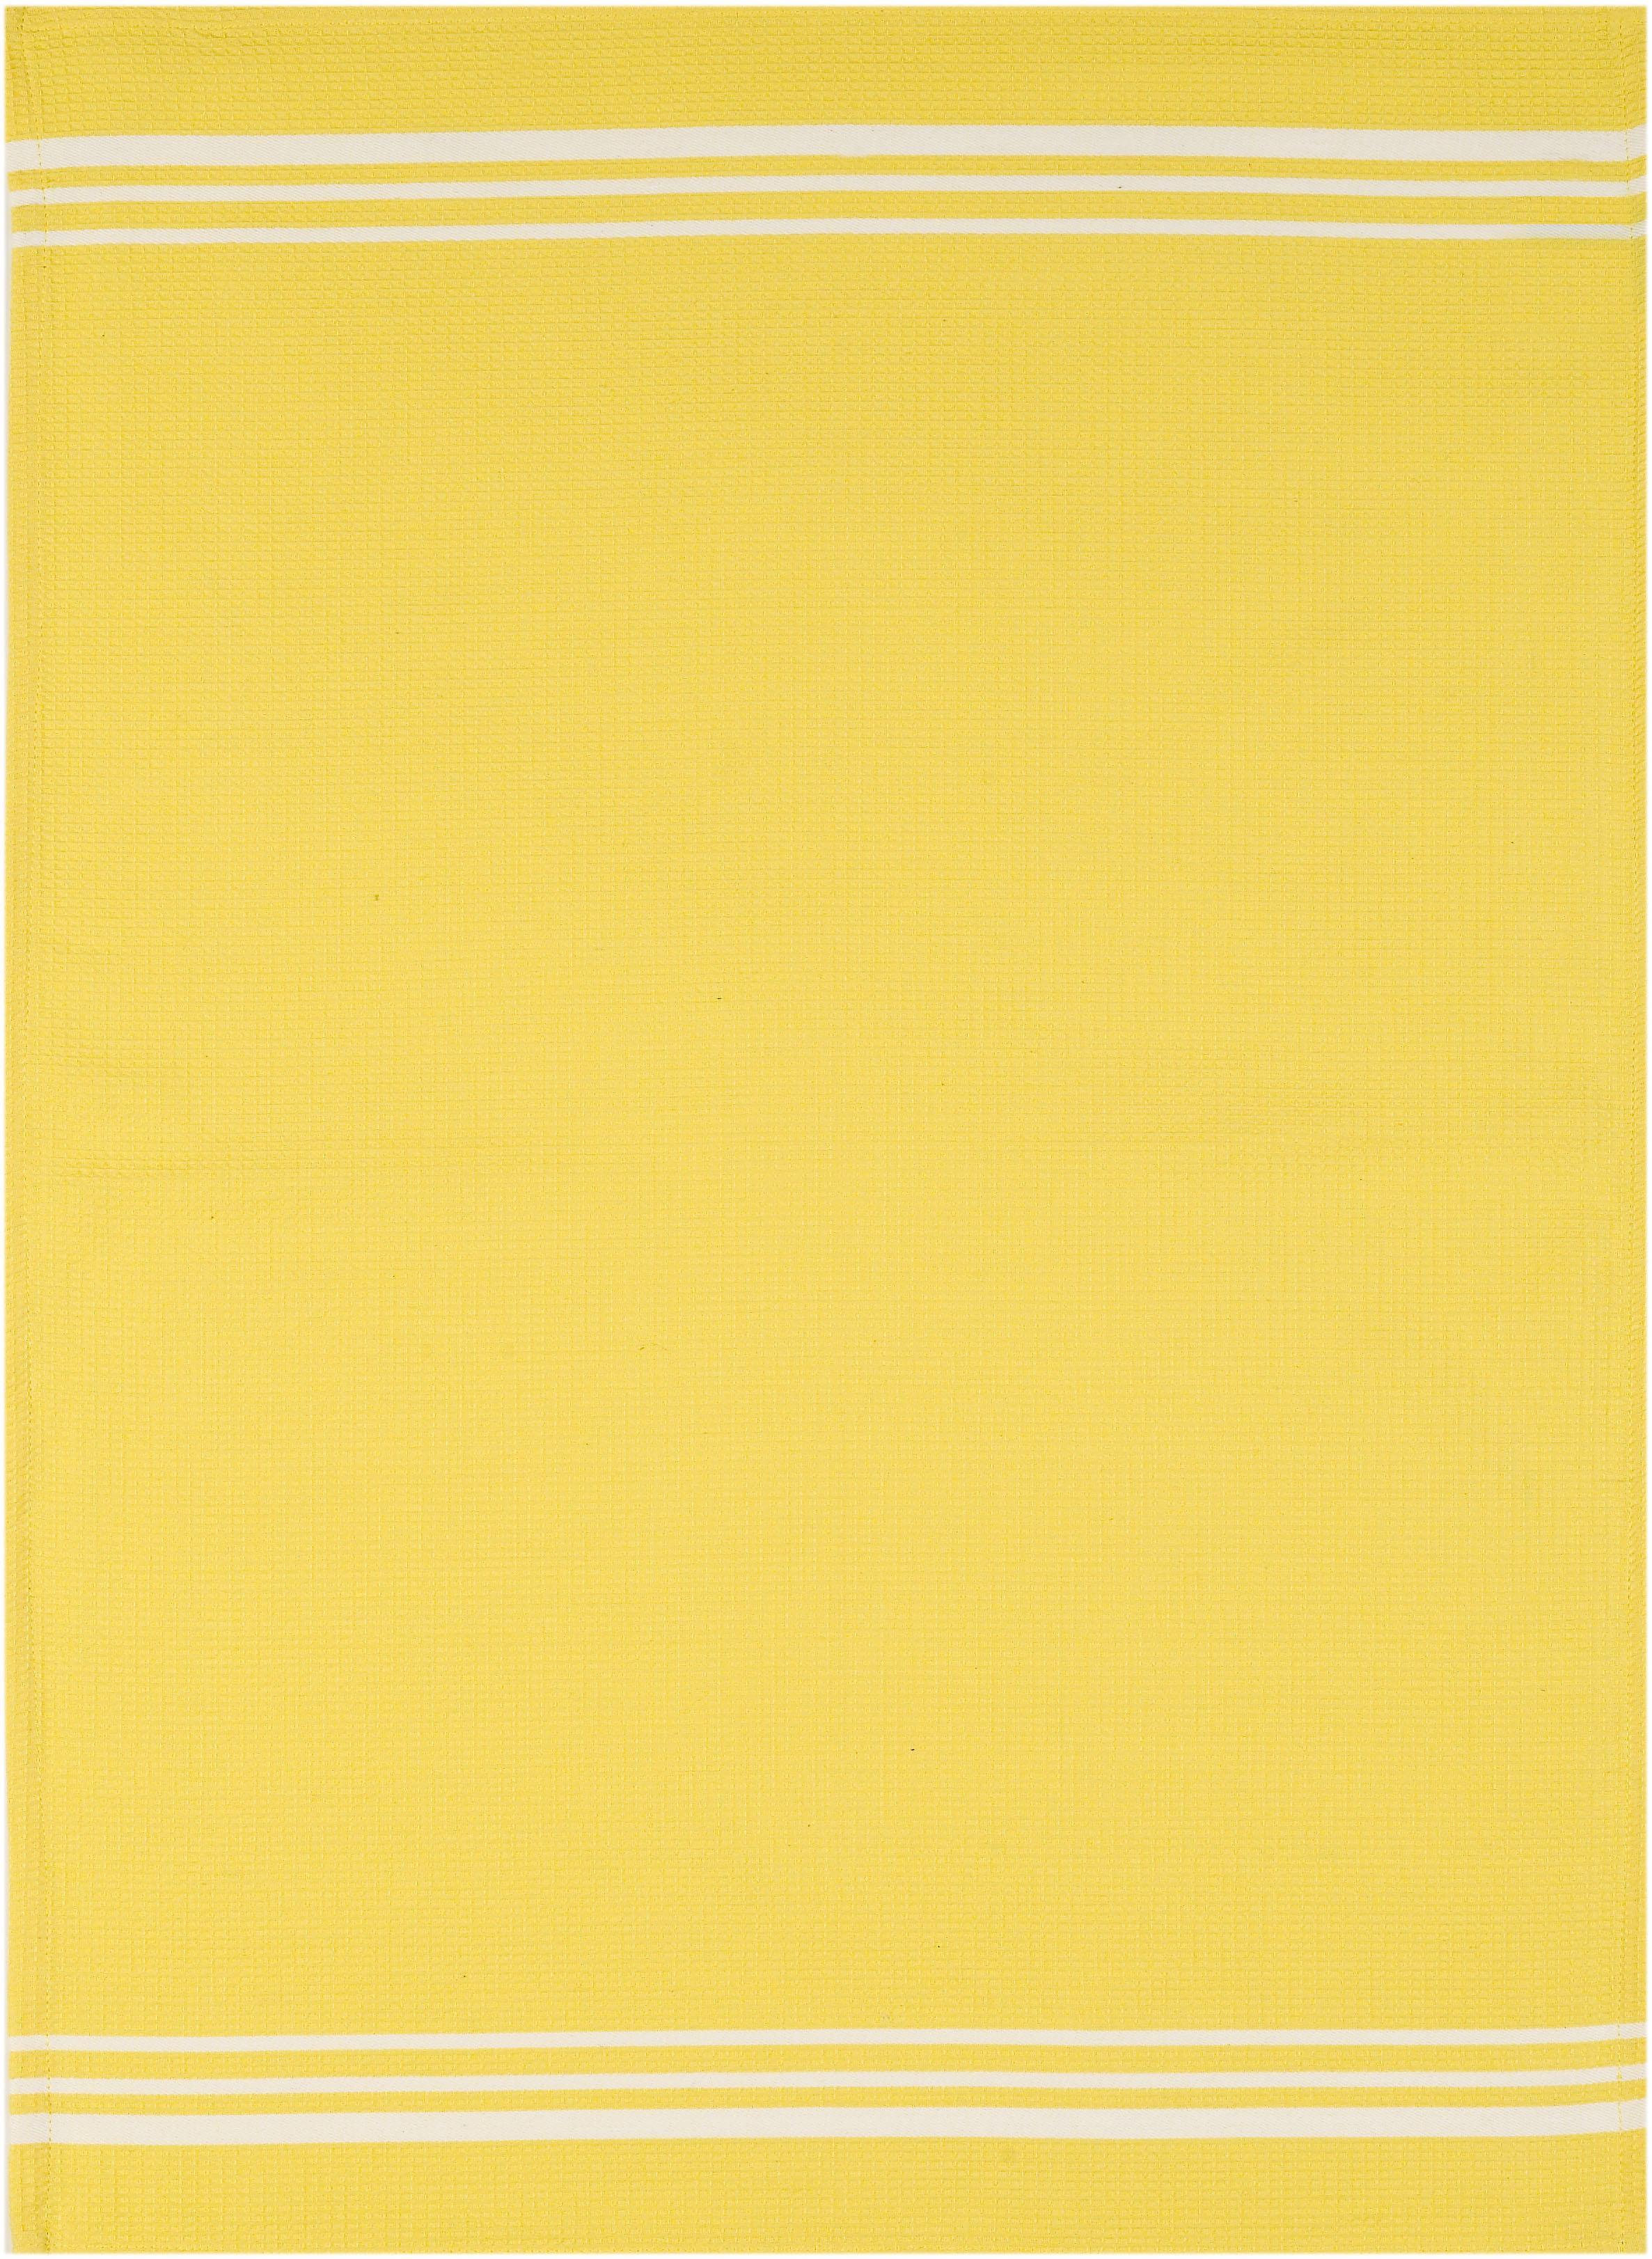 stuco Geschirrtuch Waffel, farbig, (Set, 3 tlg.) gelb Geschirrtücher Küchenhelfer Haushaltswaren